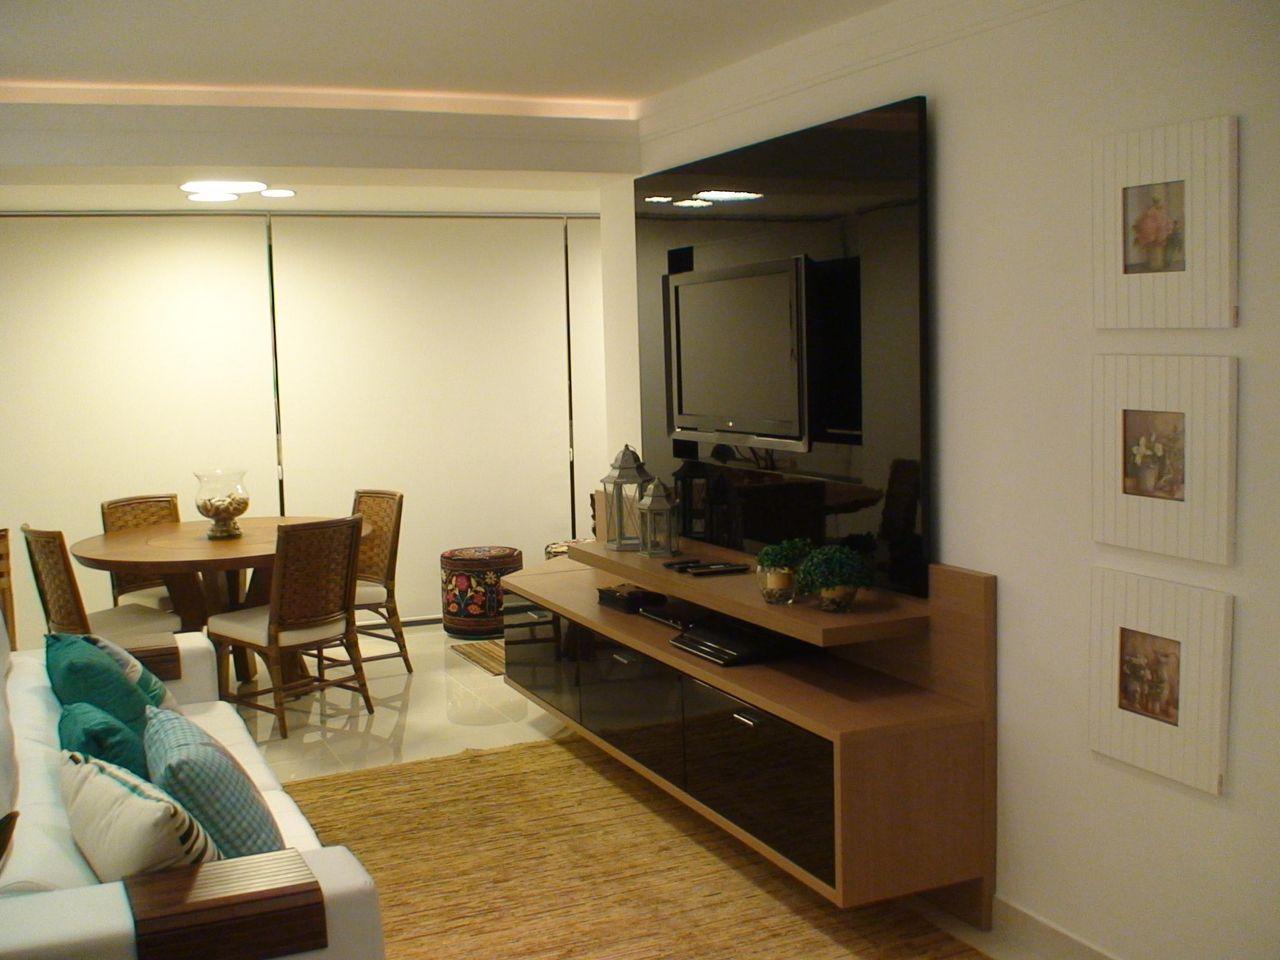 Sala De Estar Pequena Com Tv Fixada Na Parede De Giovani Chiste  -> Decoracao De Sala De Estar Pequena Com Tv